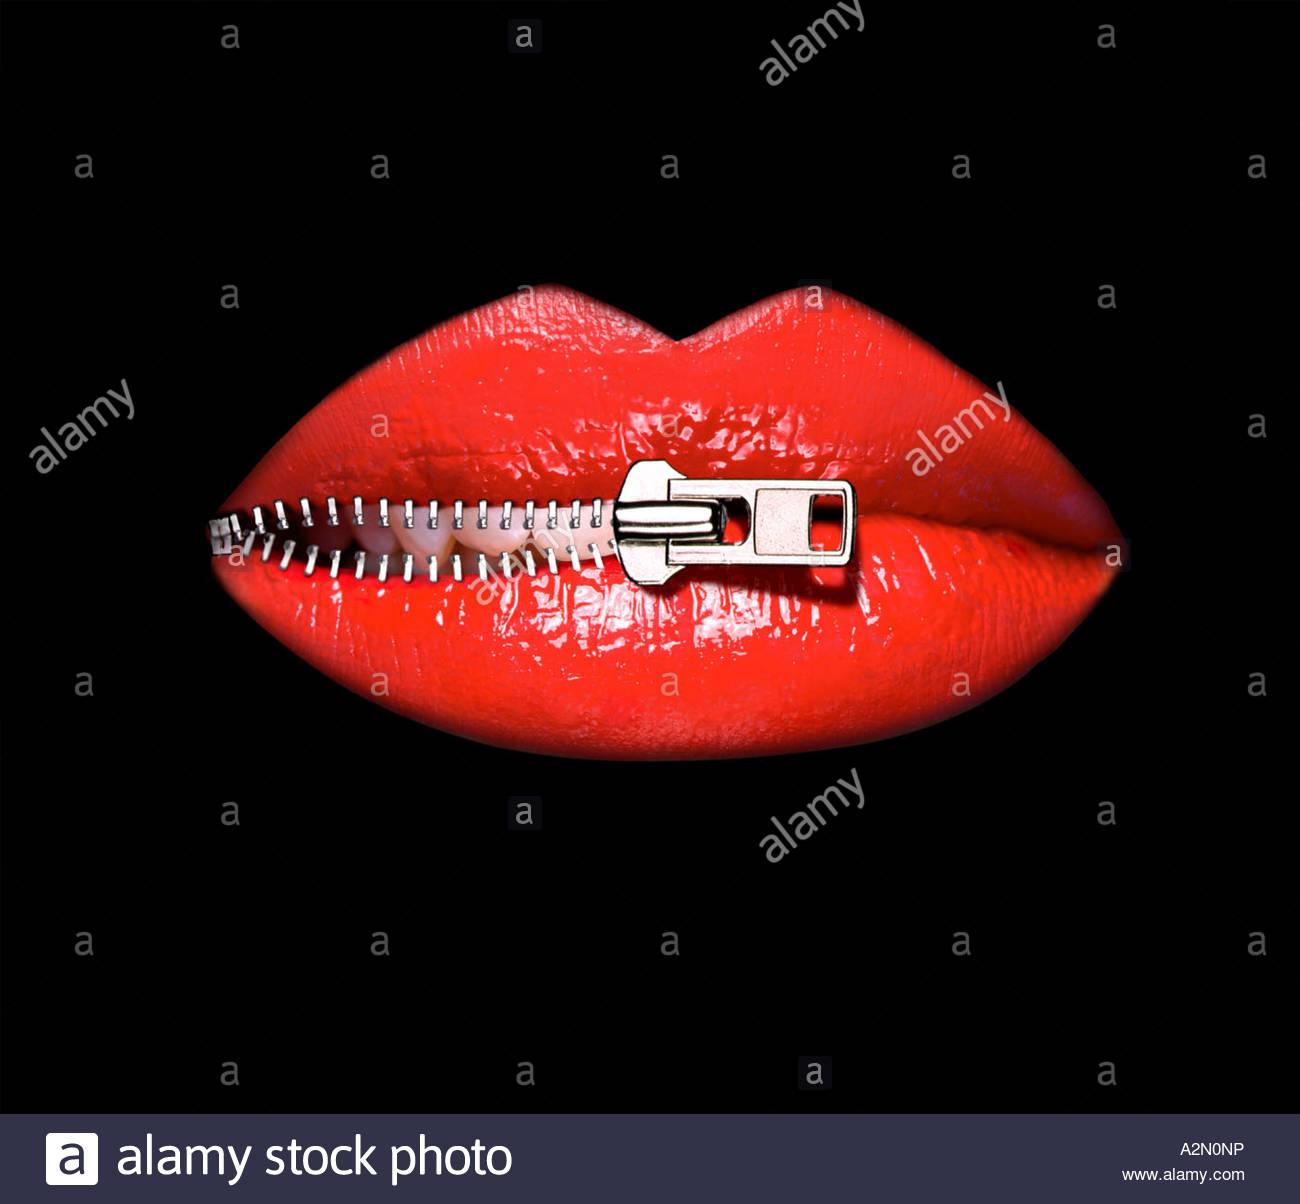 Imagem gráfica de uma mulher os lábios sendo descompactados. Close-up o corte em um plano de fundo preto Imagens de Stock